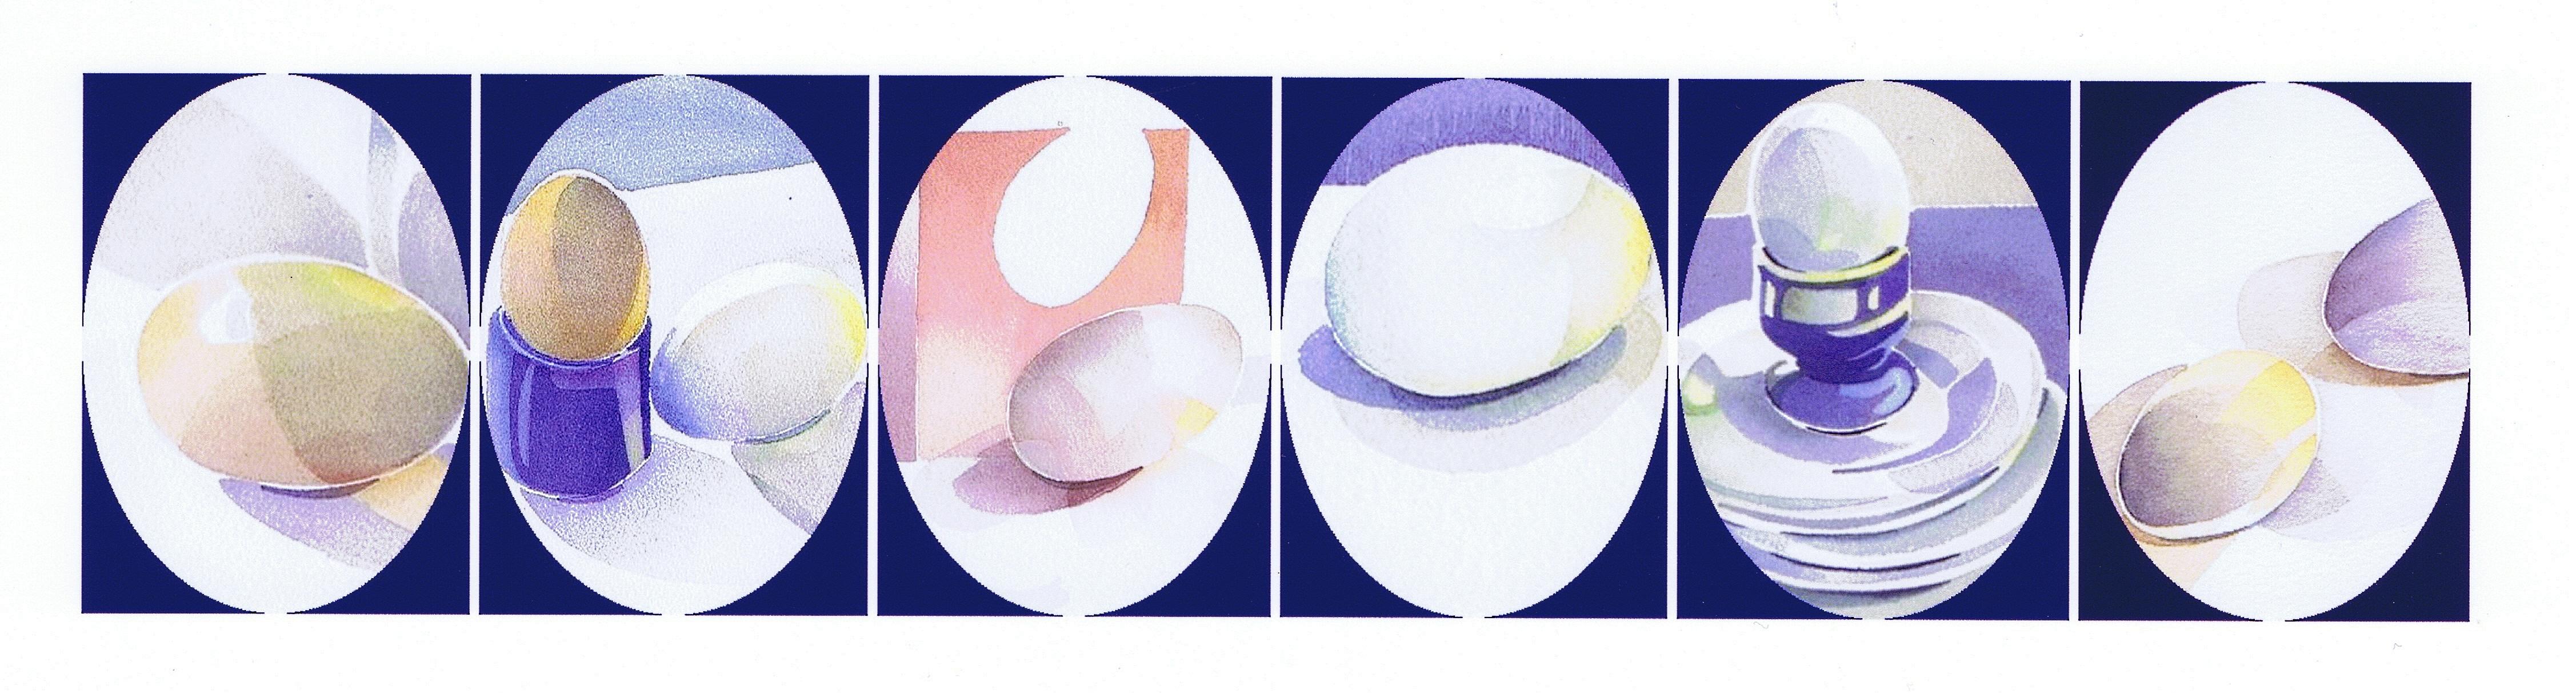 Maler Eier